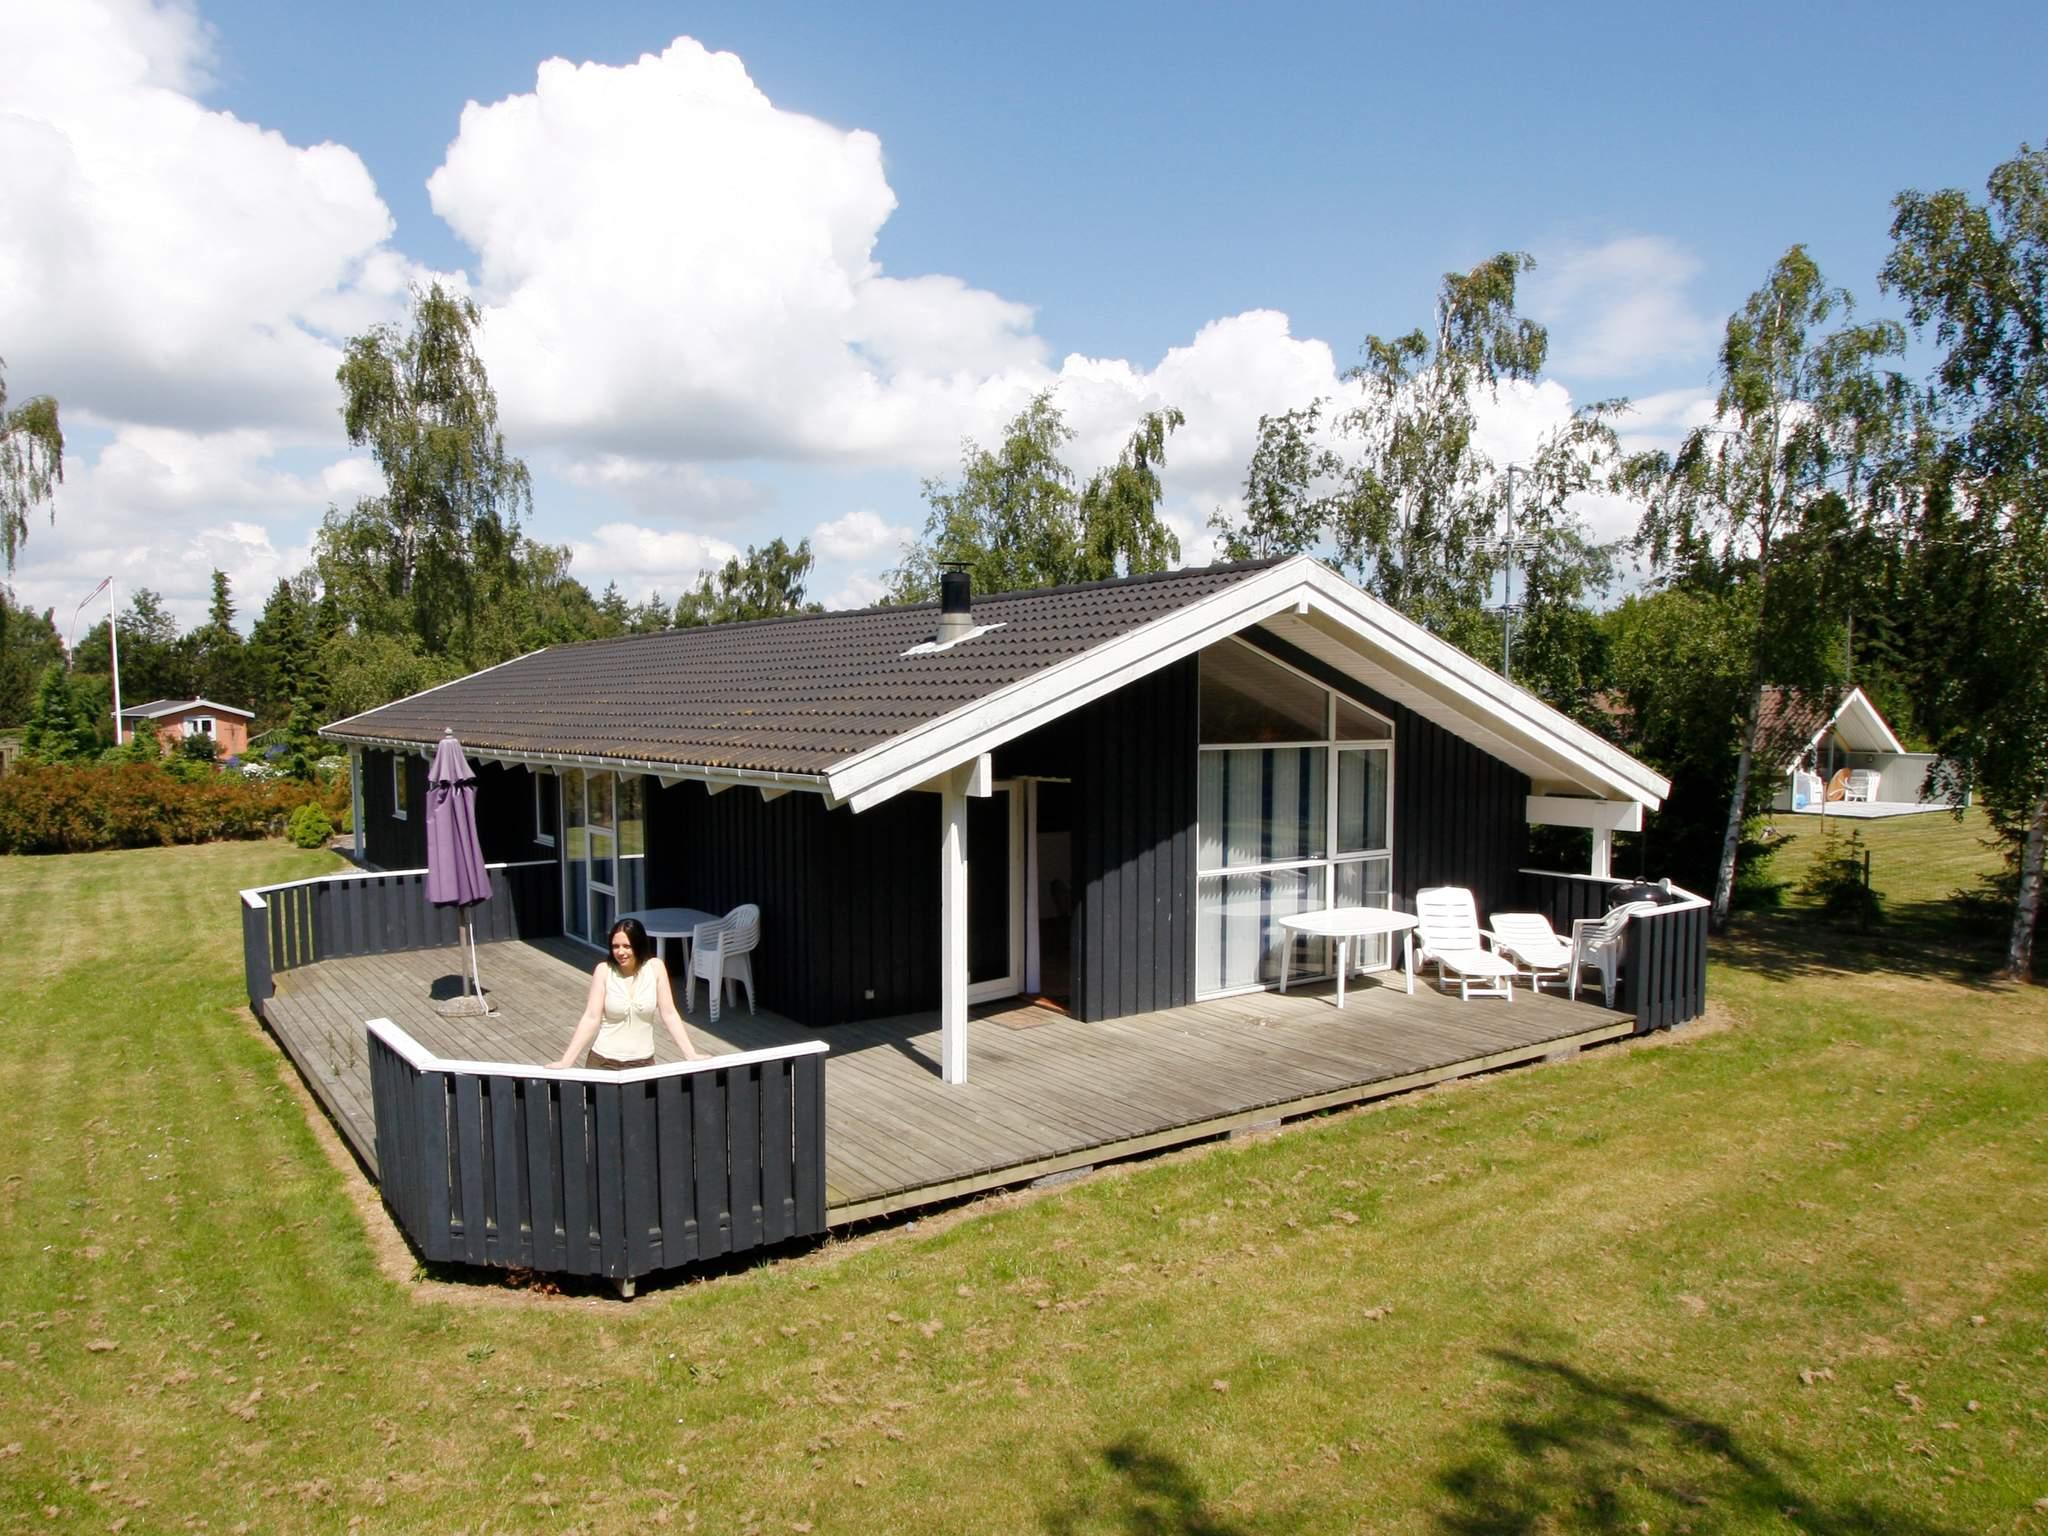 Ferienhaus Marielyst (82830), Marielyst, , Falster, Dänemark, Bild 1